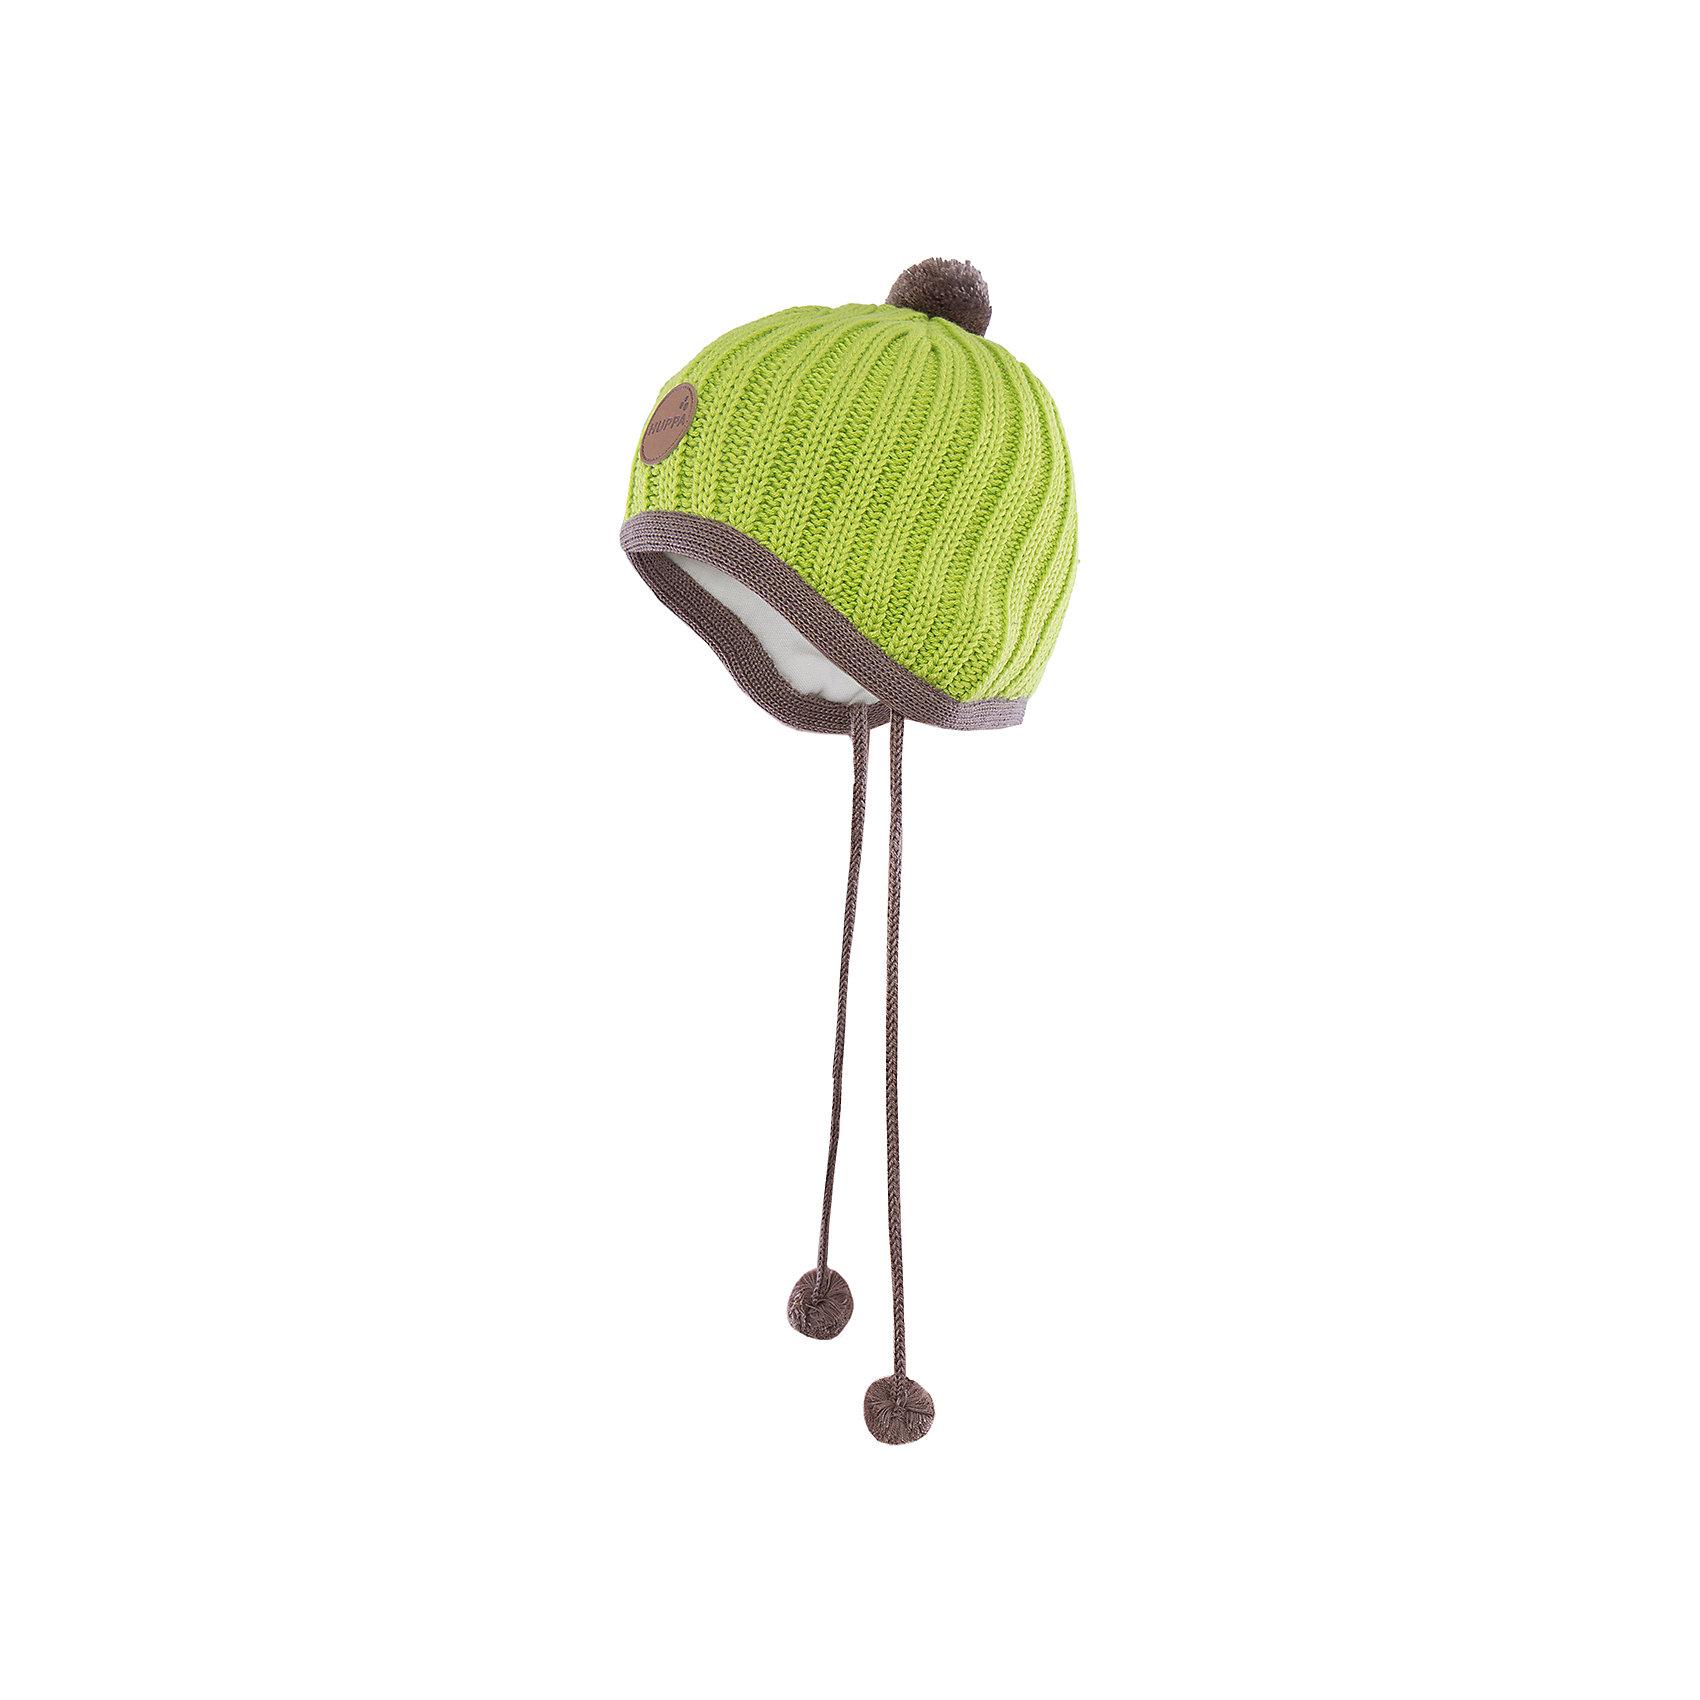 Шапка  HuppaВязаная шапка JAKOB Huppa(Хуппа) с подкладкой из хлопка изготовлена из мериносовой шерсти и акрила. Шапку удобно носить, благодаря вязке резинкой.  С помощью лент с помпонами вы сможете завязать шапку, чтобы уши ребенка оставались в тепле. Модель украшена помпонами и эмблемой марки.<br><br>Дополнительная информация:<br>Материал: 100% акрил<br>Подкладка: 100% хлопок<br>Цвет: салатовый<br><br>Вы можете приобрести шапку JAKOB Huppa(Хуппа) в нашем интернет-магазине.<br><br>Ширина мм: 89<br>Глубина мм: 117<br>Высота мм: 44<br>Вес г: 155<br>Цвет: зеленый<br>Возраст от месяцев: 36<br>Возраст до месяцев: 72<br>Пол: Мужской<br>Возраст: Детский<br>Размер: 51-53,43-45,39-43,47-49<br>SKU: 4923807